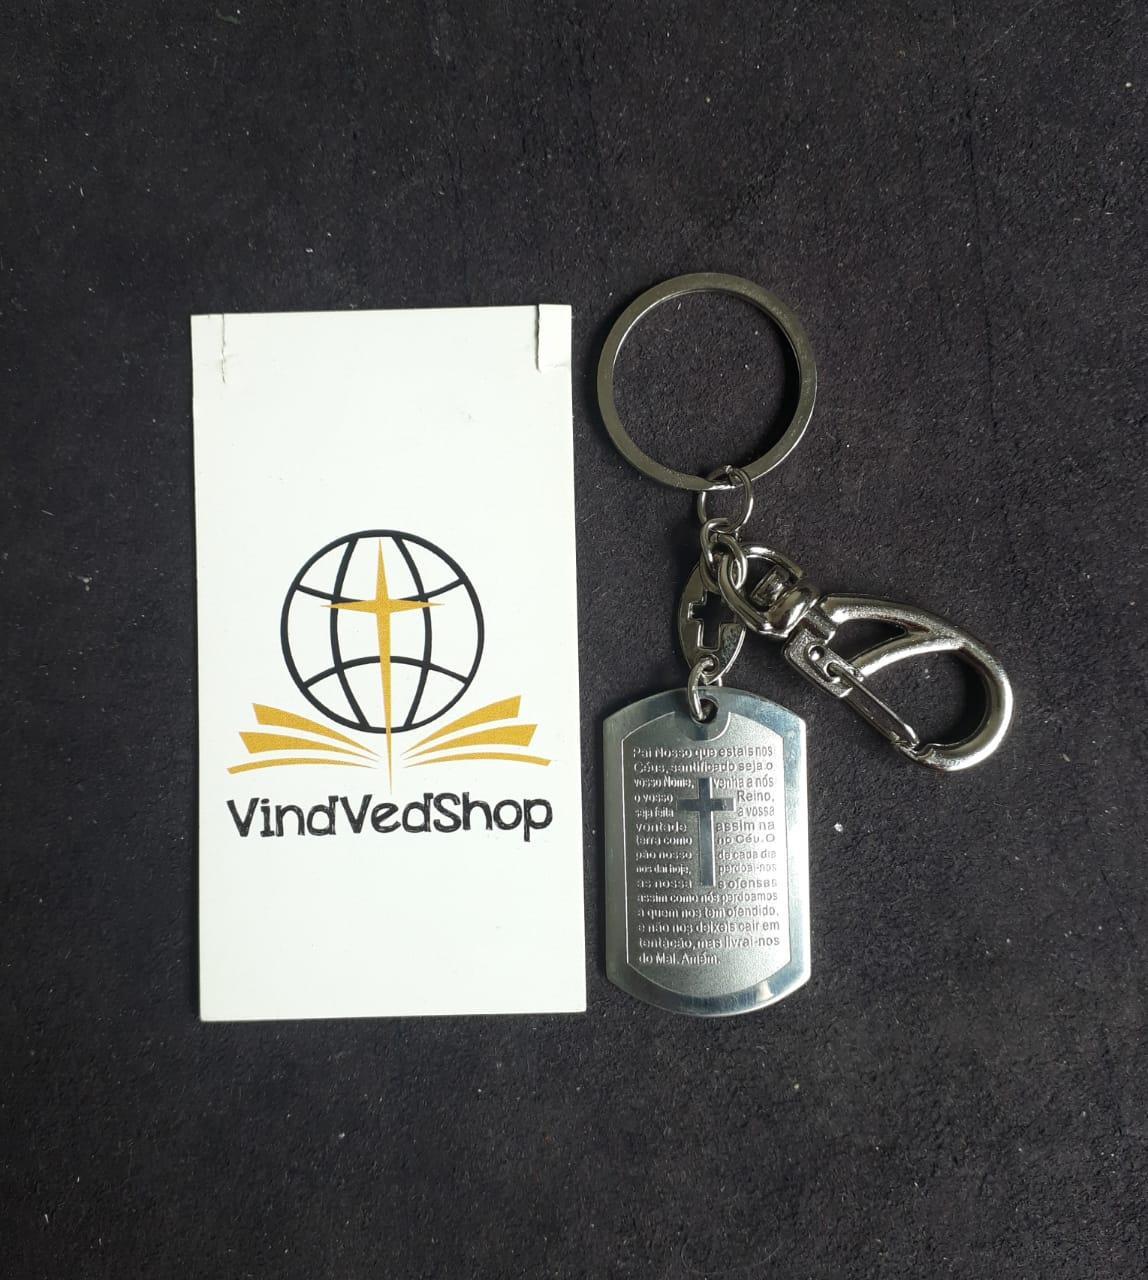 C08M - Chaveiro Aço Placa Oração Pai Nosso 40mm Retangular c/ Mosquetão  - VindVedShop - Distribuidora Catolica